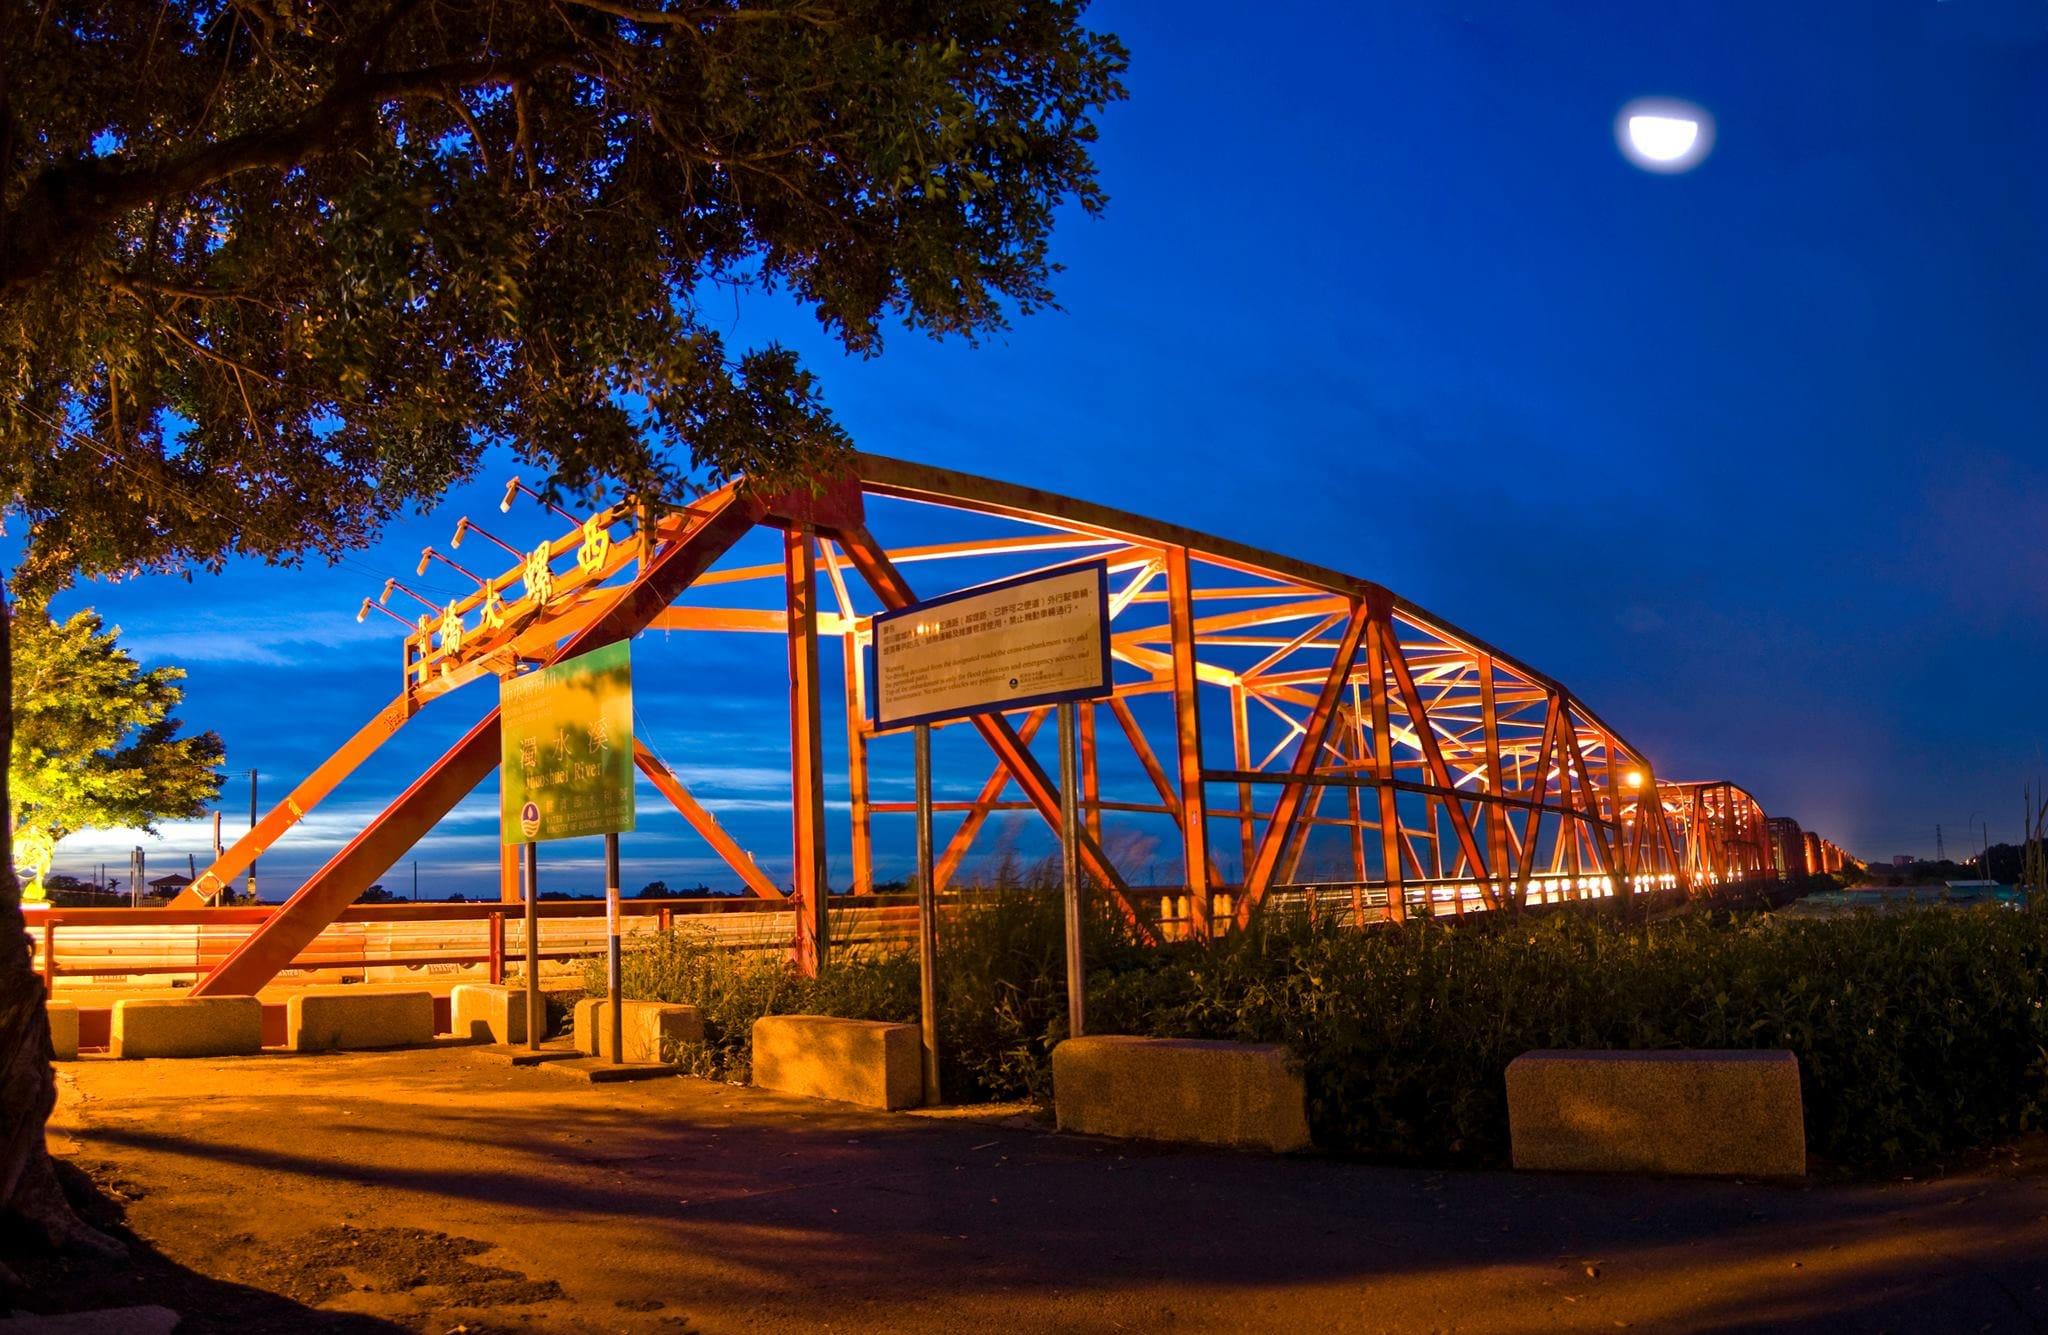 cầu xilou về đêm